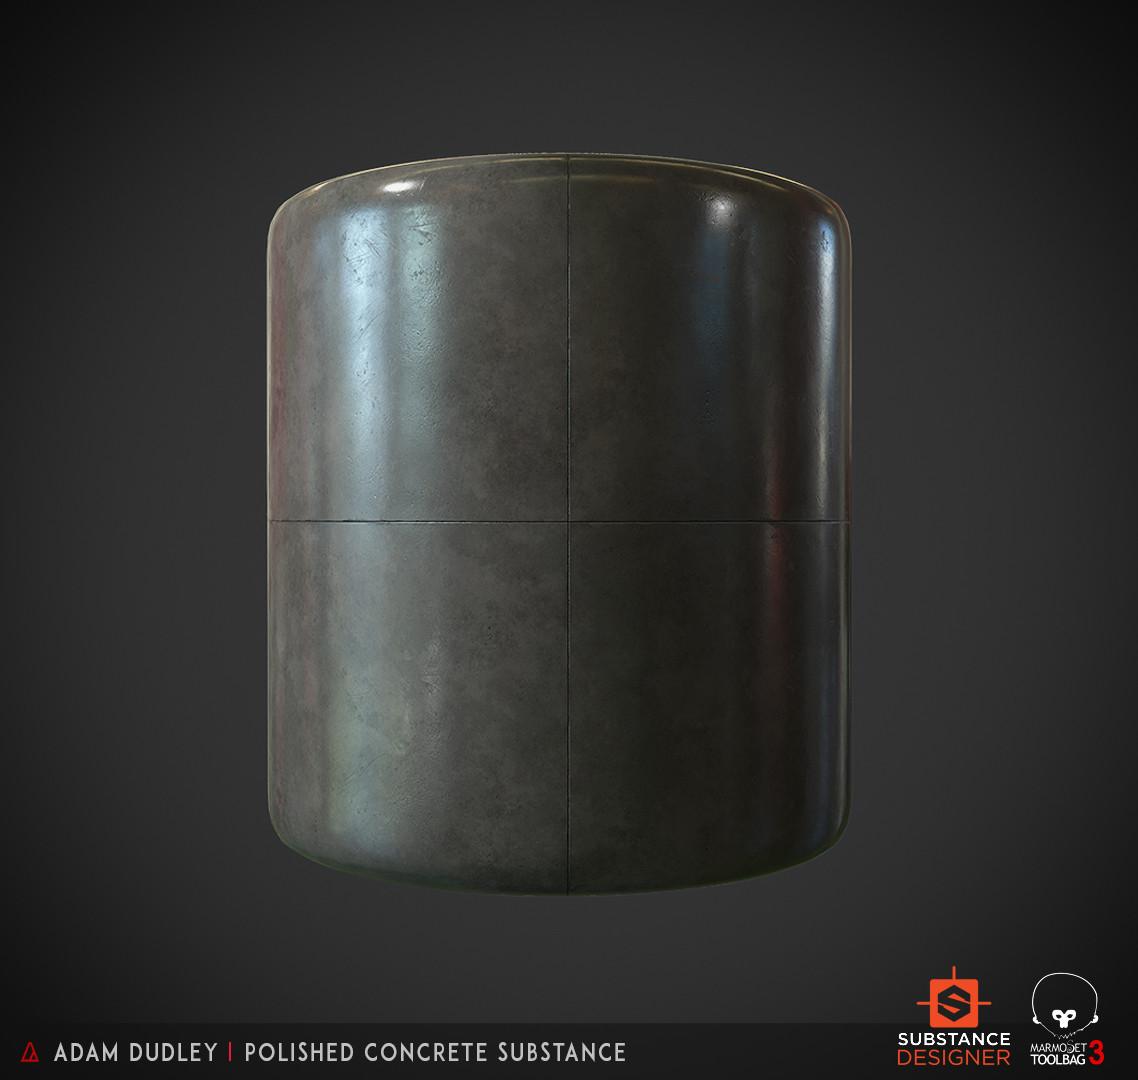 Adam dudley polishedconcl substance finalshots cylinder